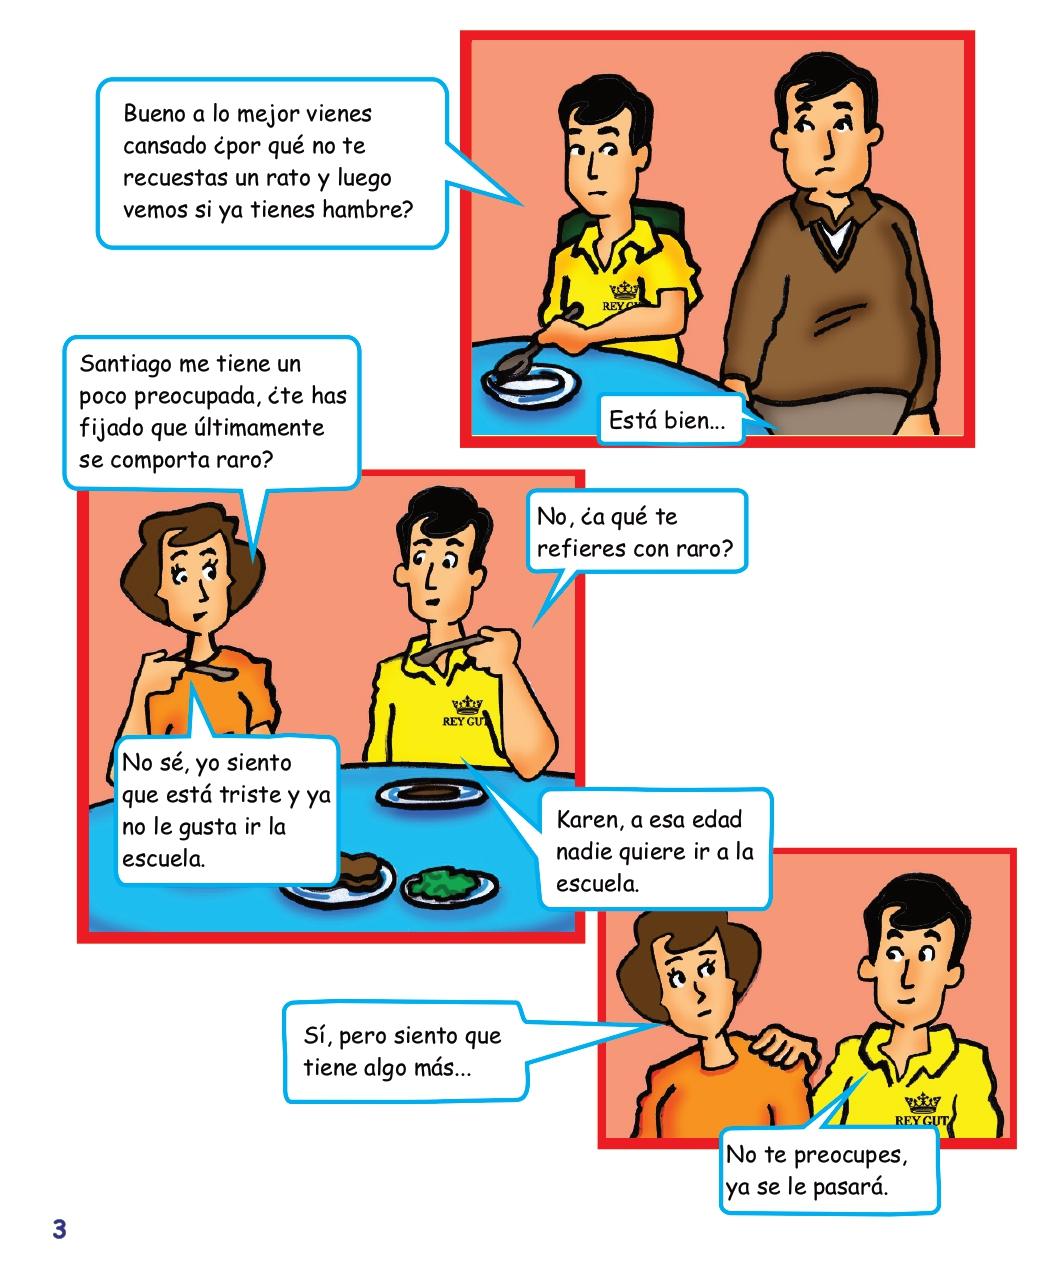 Psicología padres Reyhan cap3 digital_page-0006